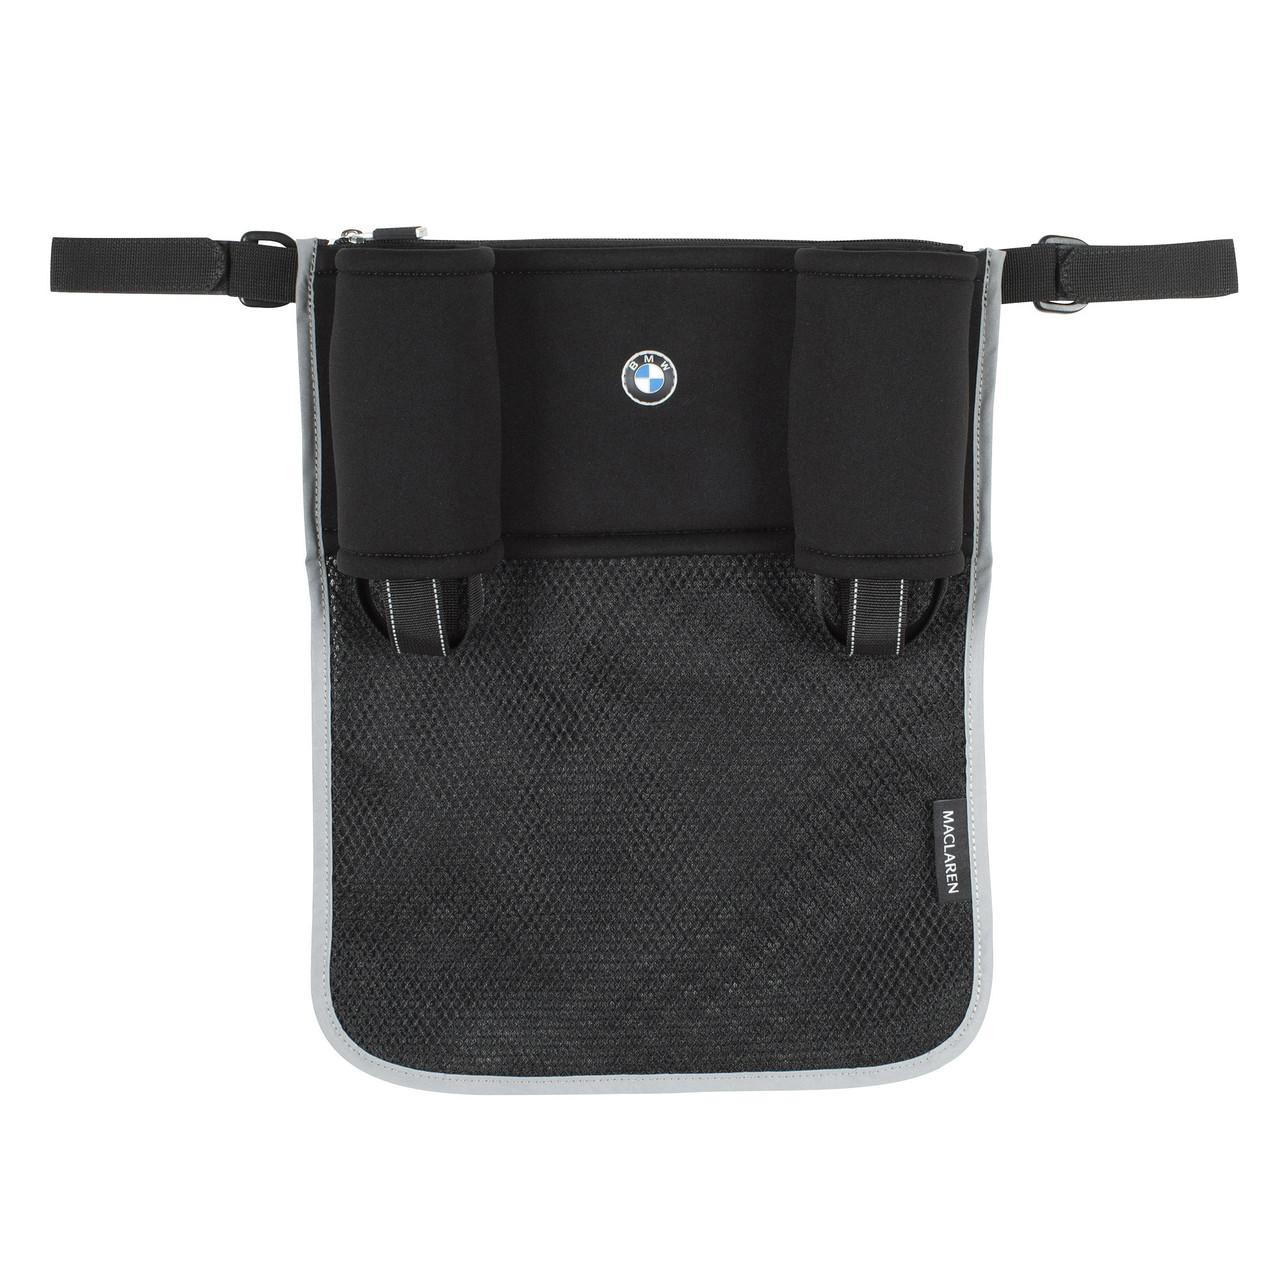 """Аксессуар к коляске «Maclaren» (ADSE20052) универсальный органайзер для коляски """"BMW"""", цвет """"Black"""" (чёрный)"""